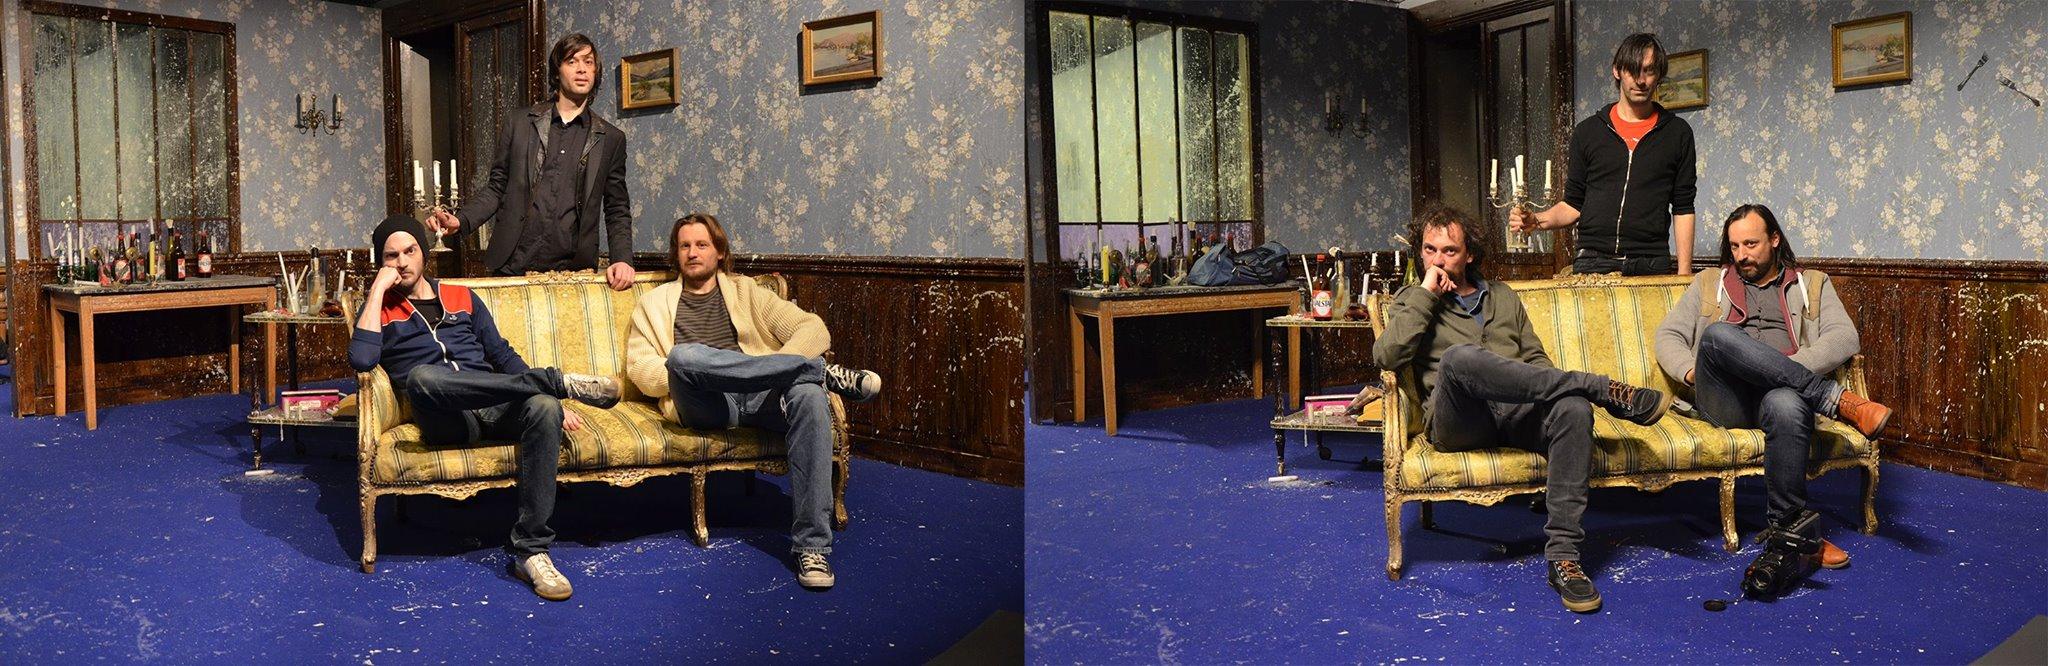 """À gauche : Claude Schmitz, Nicolas Luçon et Ugo Dehaes, acteurs dans """"Bleu Bleu"""" de Stéphane Arcas. À droite, les originaux..."""